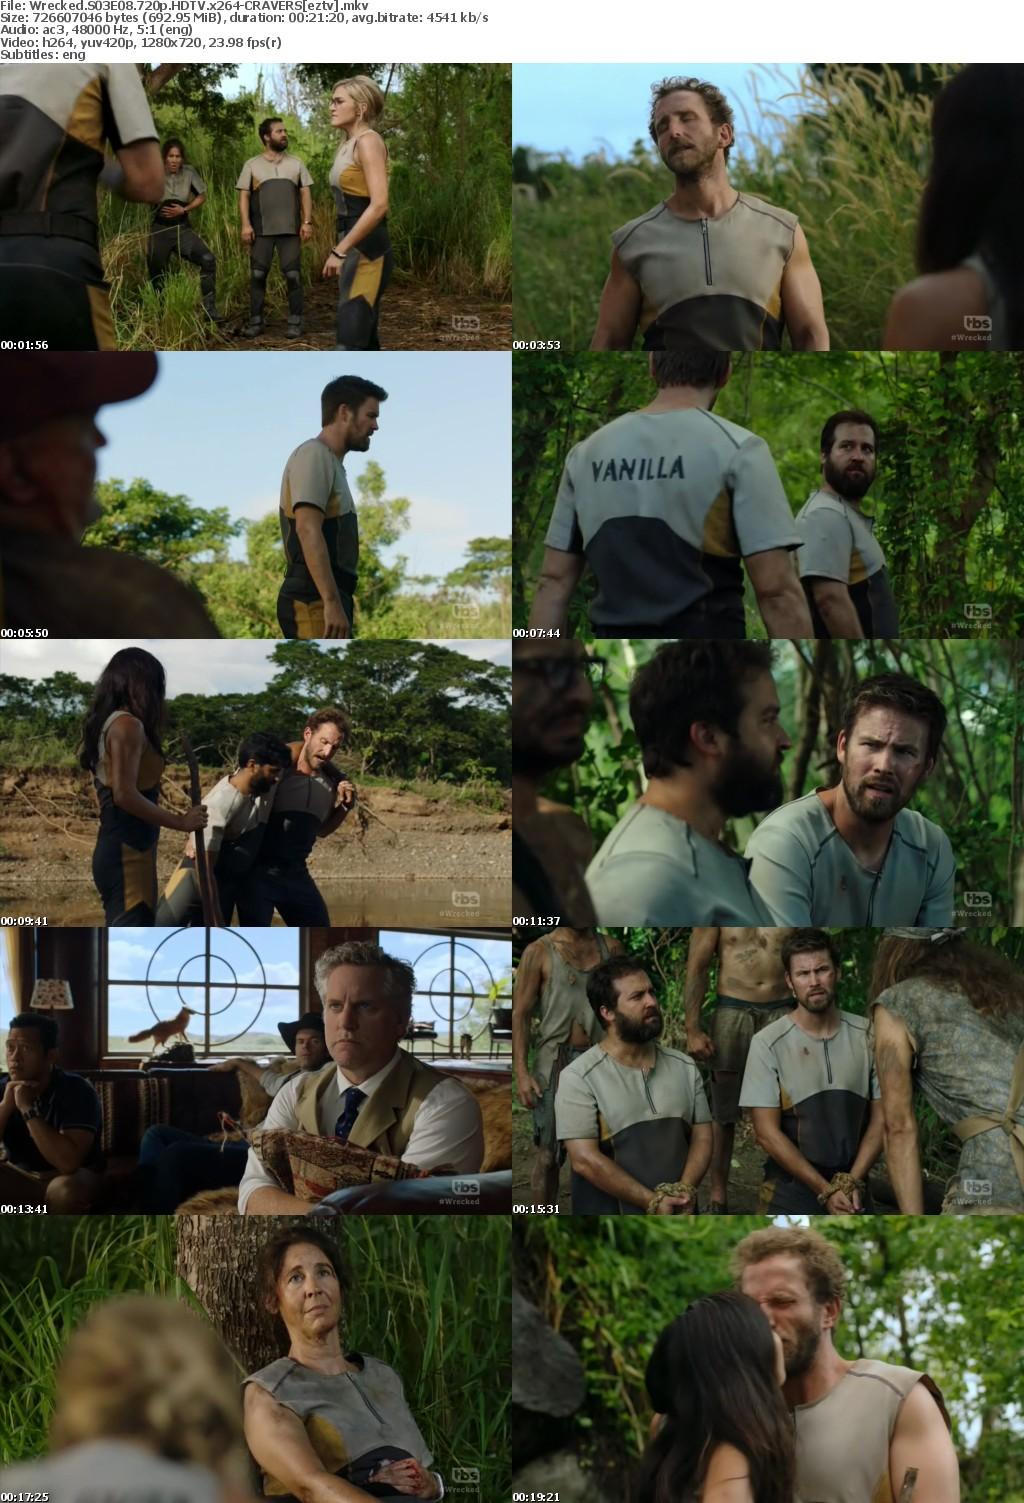 Wrecked S03E08 720p HDTV x264-CRAVERS